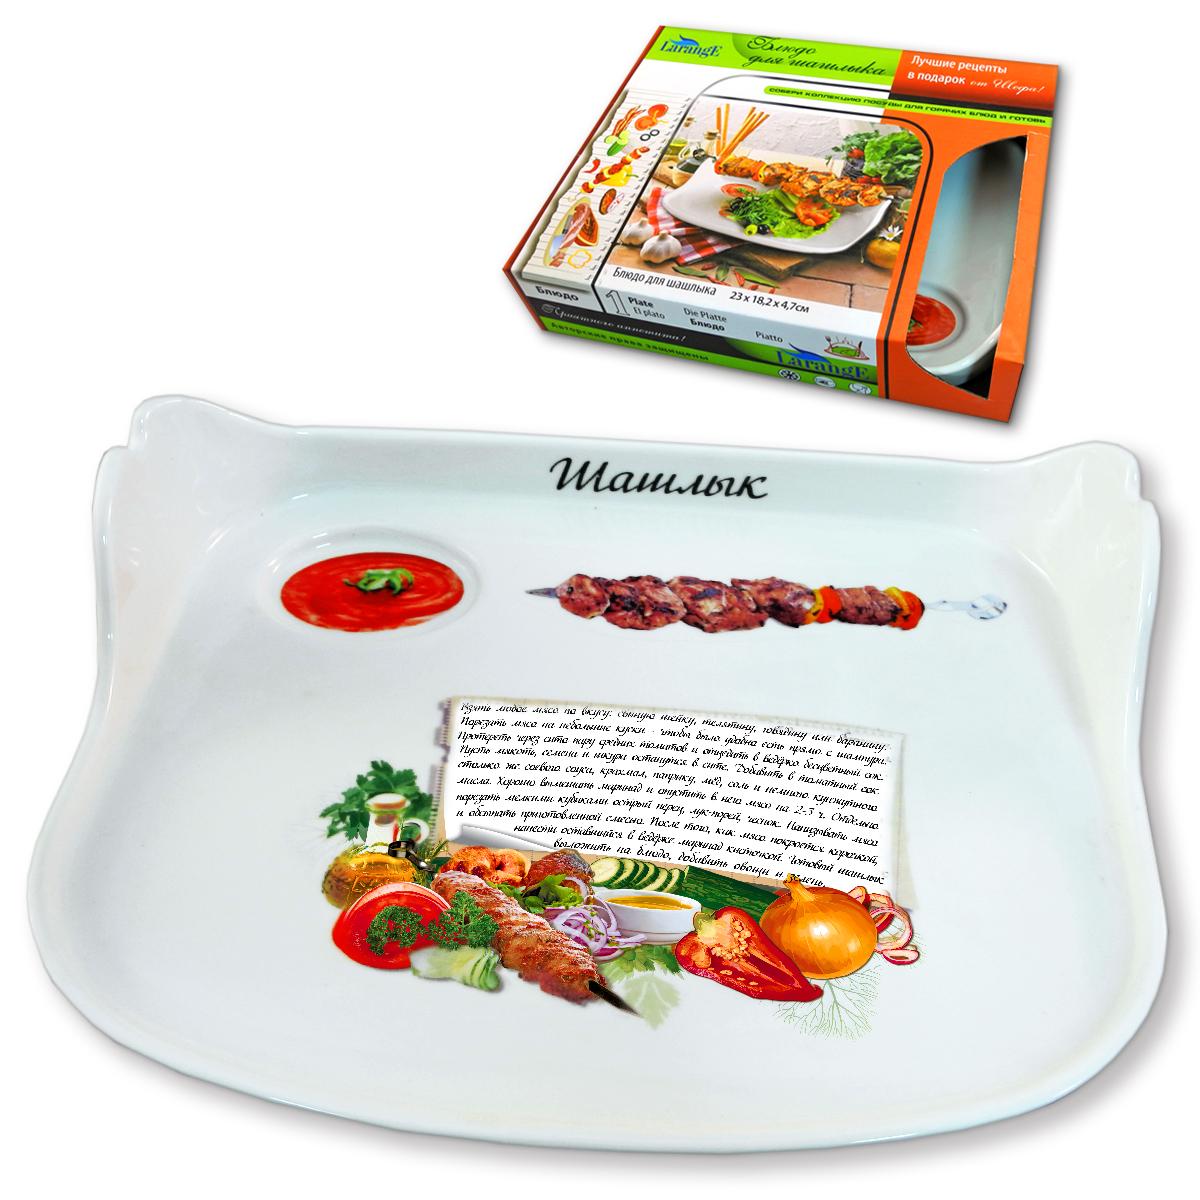 Блюдо для шашлыка LarangE Микс-шашлык, 24,5 х 20 х 4 смVT-1520(SR)Блюдо LarangE Микс-шашлык, выполненное из высококачественного фарфора, порадует вас изящным дизайном и практичностью. Блюдо имеет дополнительное отделение для кетчупа. Стенки блюда декорированы изображением шашлыка. Кроме того, для упрощения процесса приготовления на стенках написан рецепт. В комплект прилагается небольшой буклет с рецептами любимых блюд.Такое блюдо украсит ваш праздничный или обеденный стол, а оригинальное исполнение понравится любой хозяйке.Можно использовать в микроволновой печи, духовом шкафу, посудомоечной машине, холодильнике. Не применять абразивные чистящие вещества.